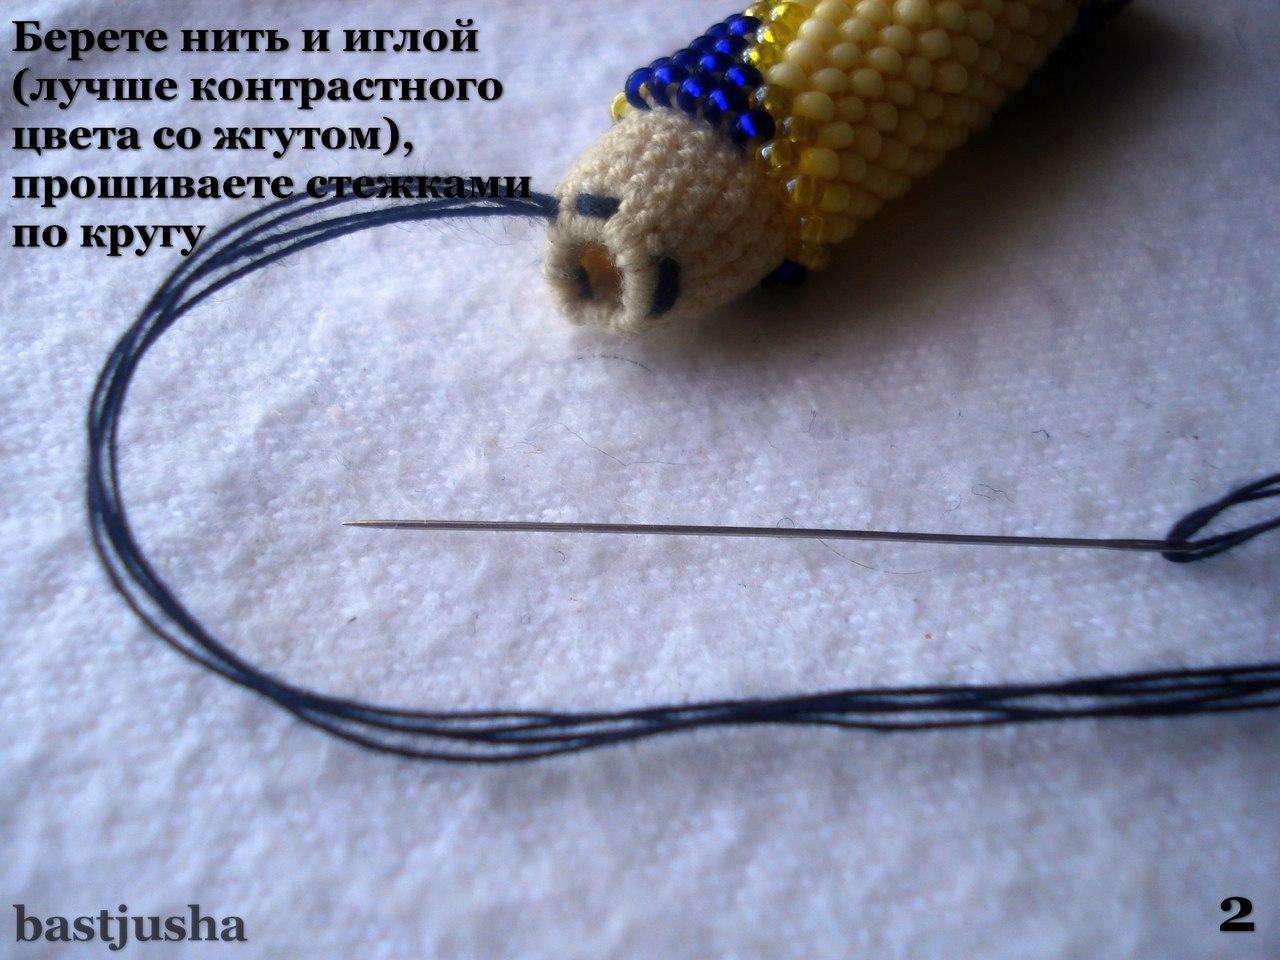 Как закрепить колпачок без клея: бисерные жгуты 1